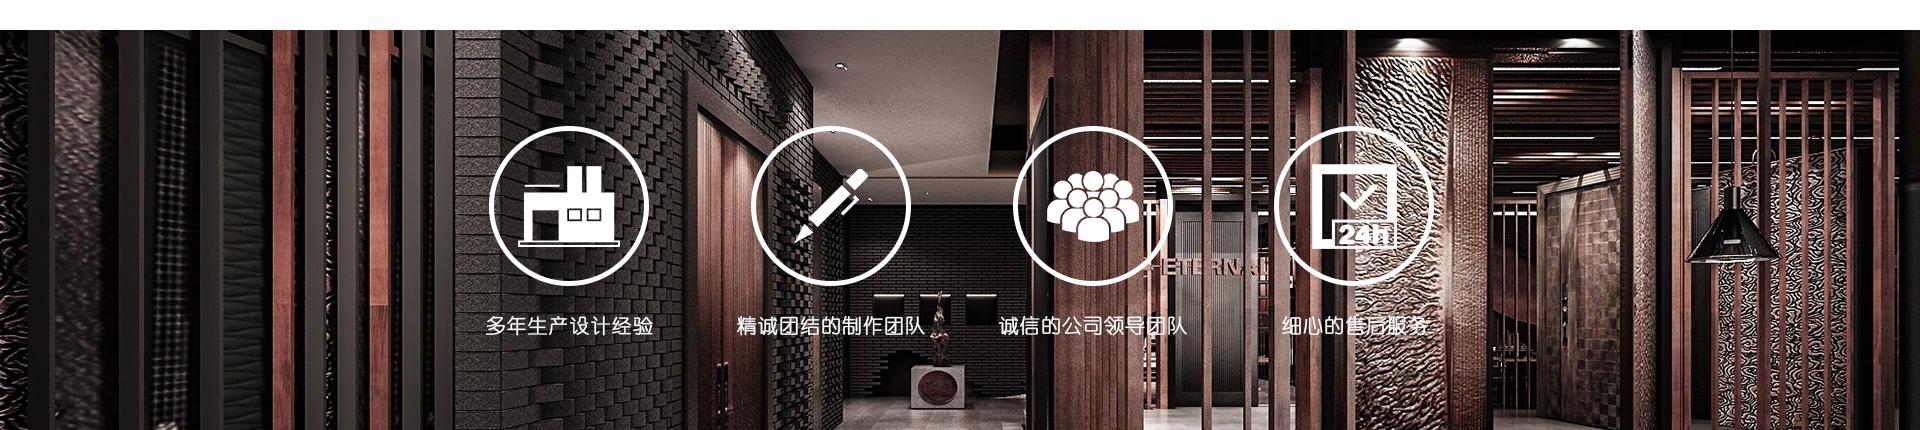 隆家美门业是专业的室内烤漆门厂家,主营:室内免漆门,烤漆门,生态强化门等室内套装门,的服务,合理的价格,售后有保障.热线电话:18264998881